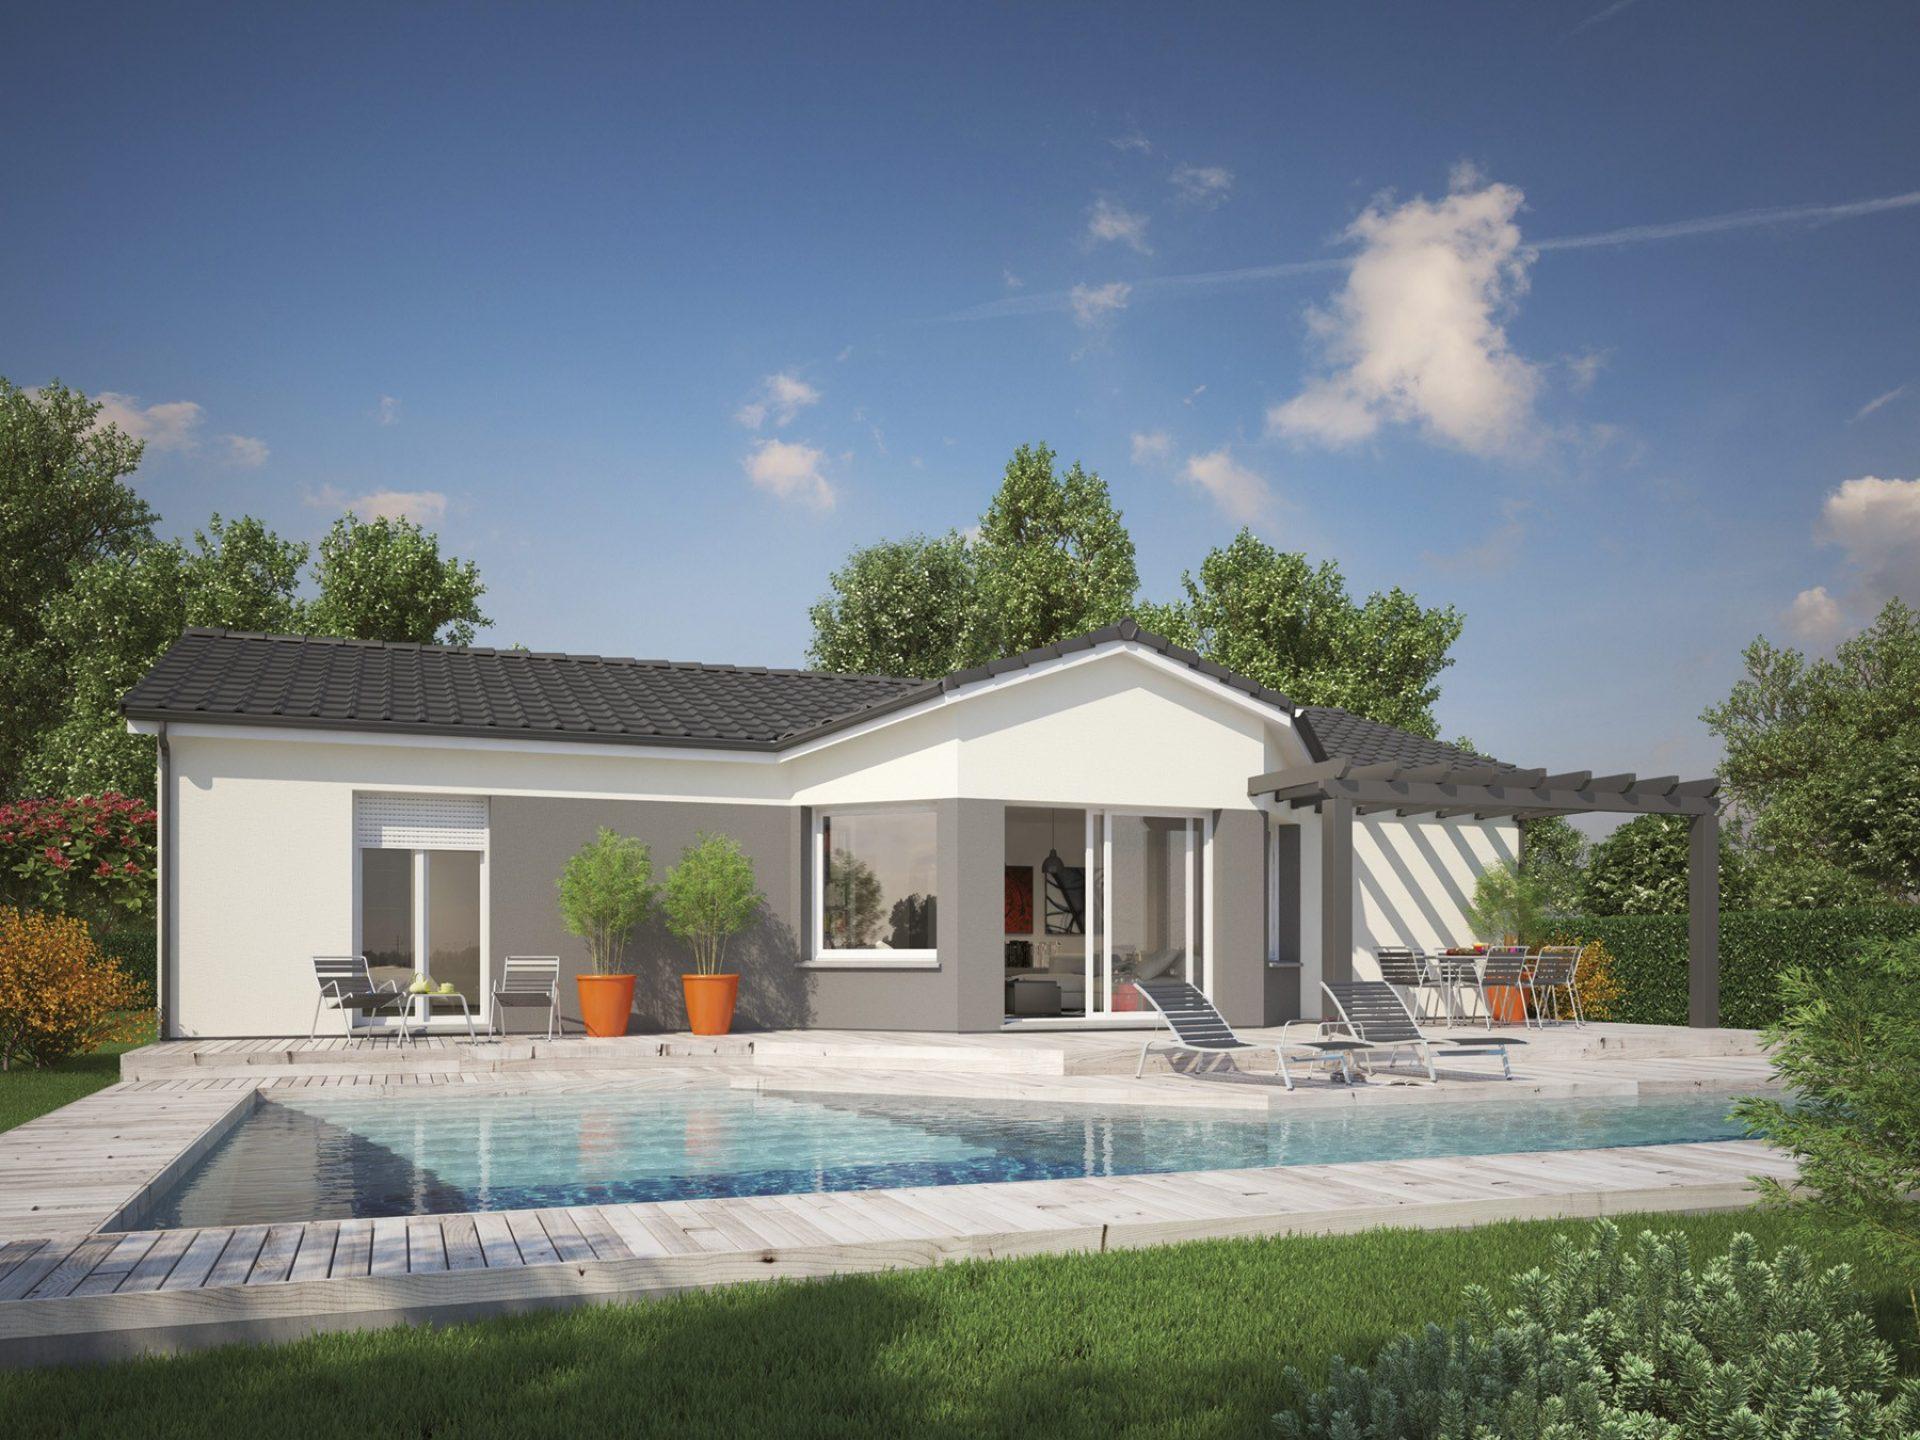 Maison EOS | 101 m²